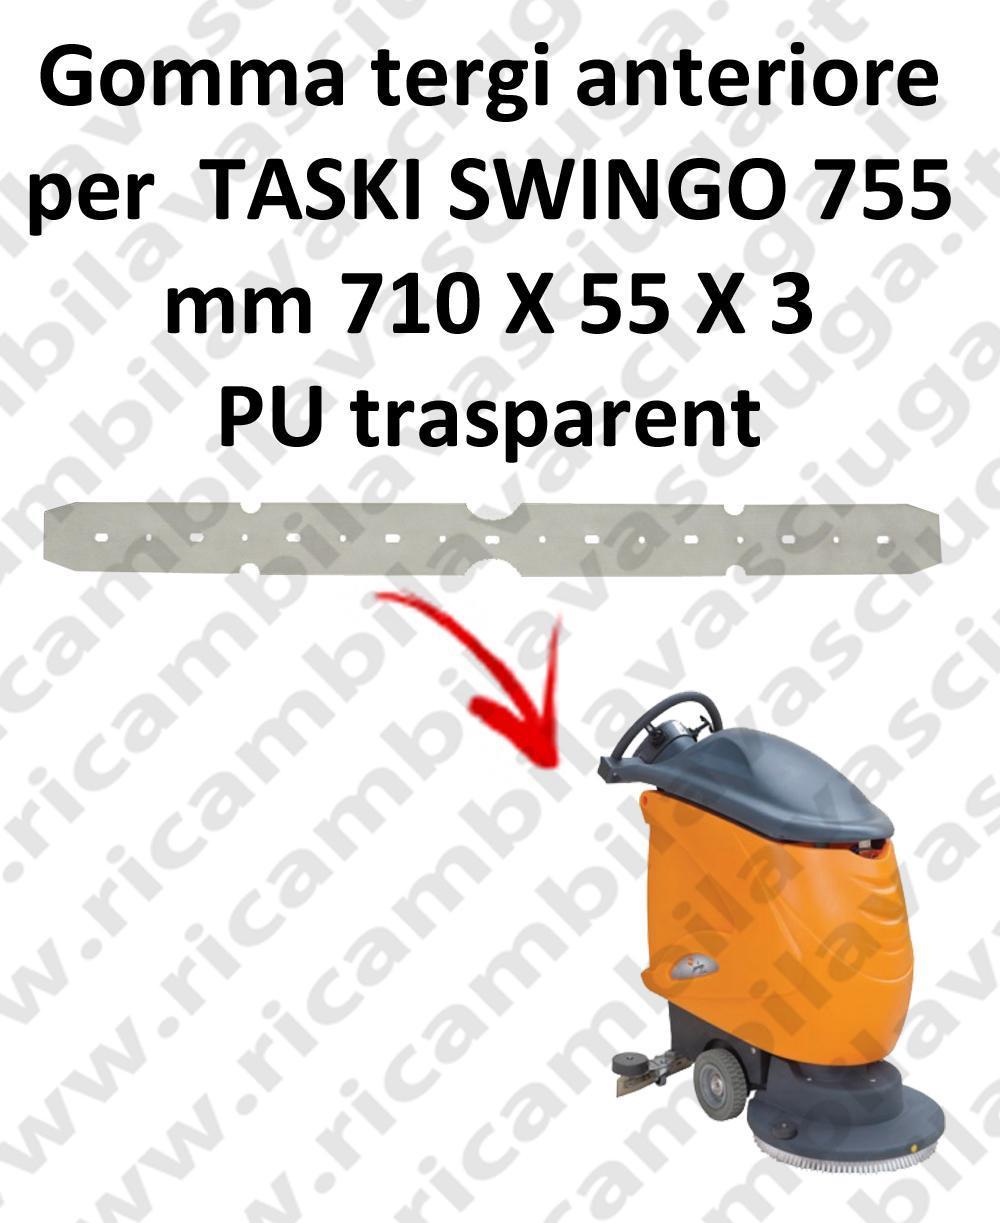 SWINGO 755  BAVETTE AVANT pour TASKI rechange autolaveuses suceur